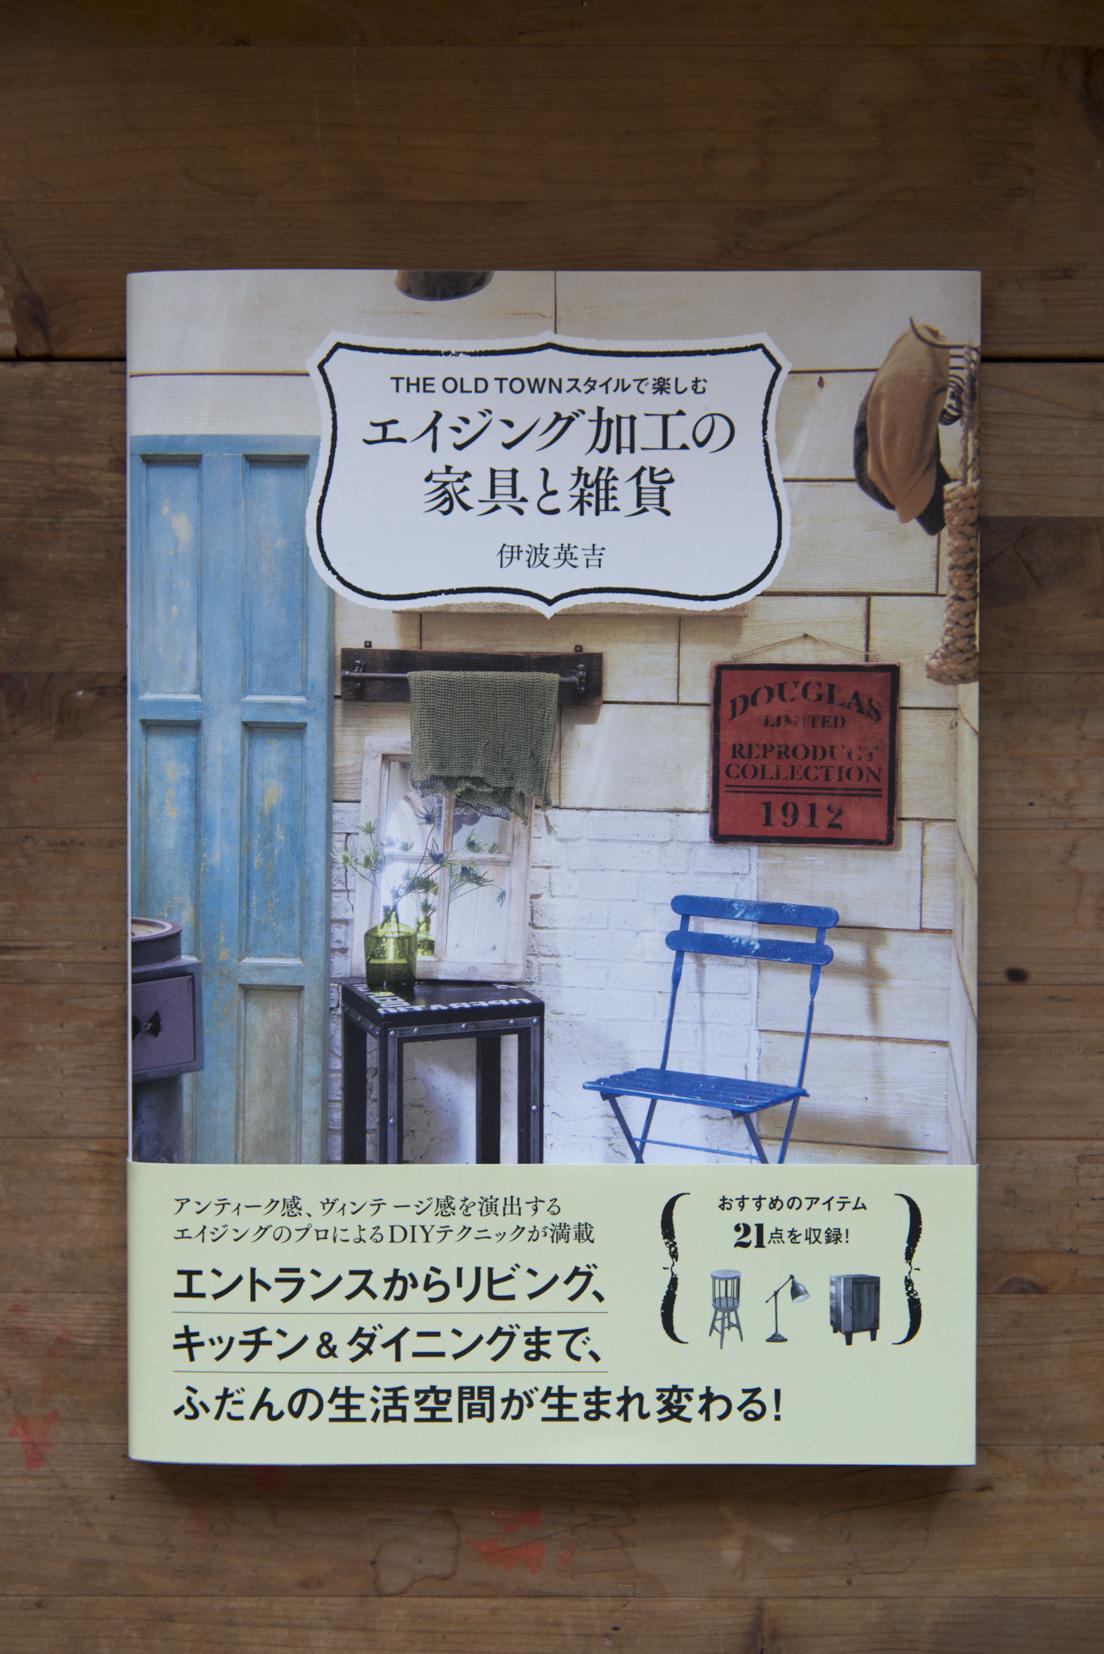 書籍『THE OLD TOWN スタイルで楽しむ エイジング加工の家具と雑貨』